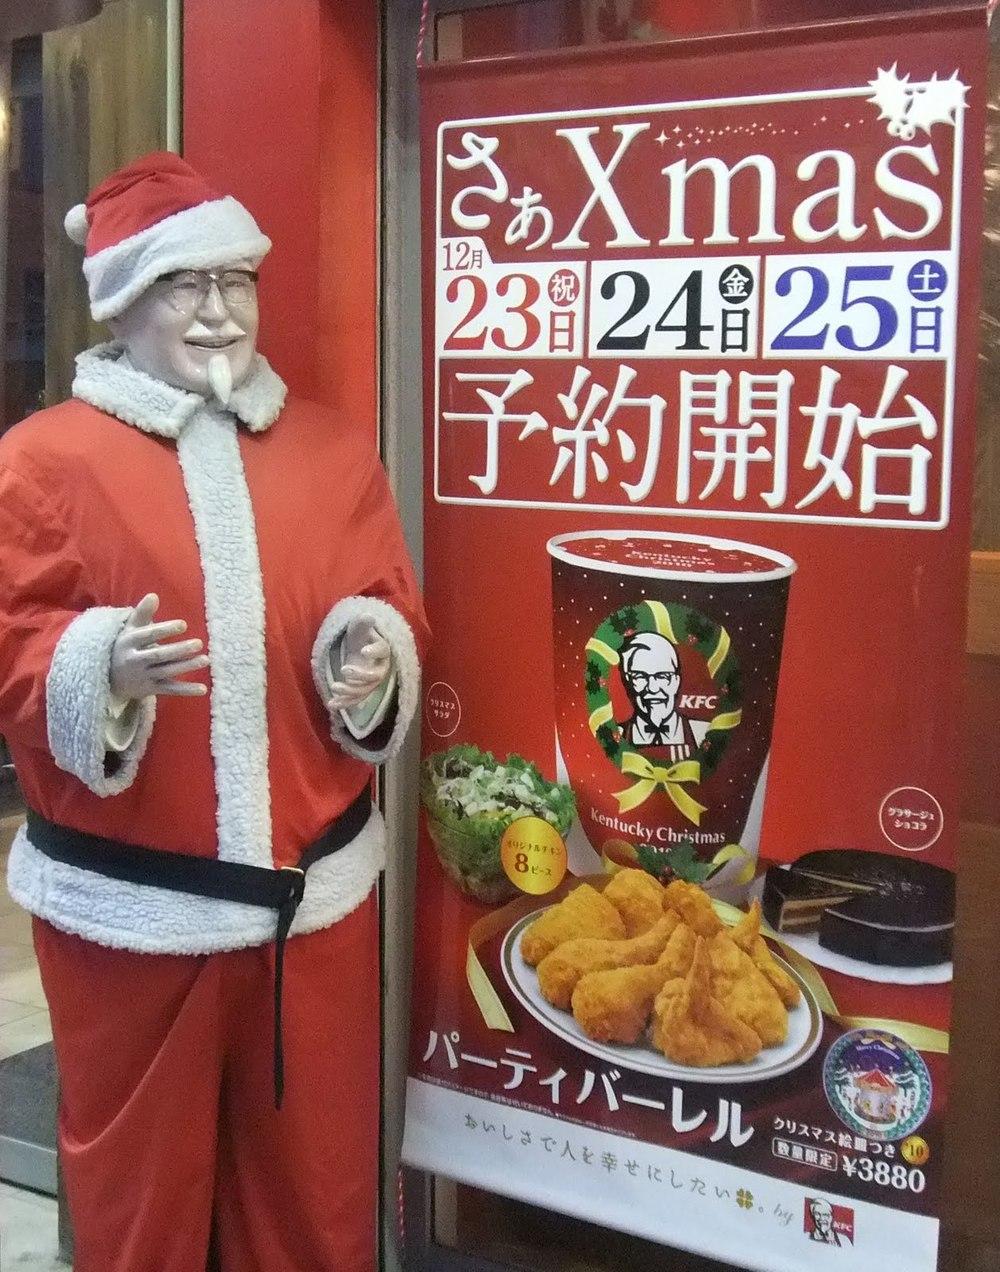 KFC-Christmas.jpg